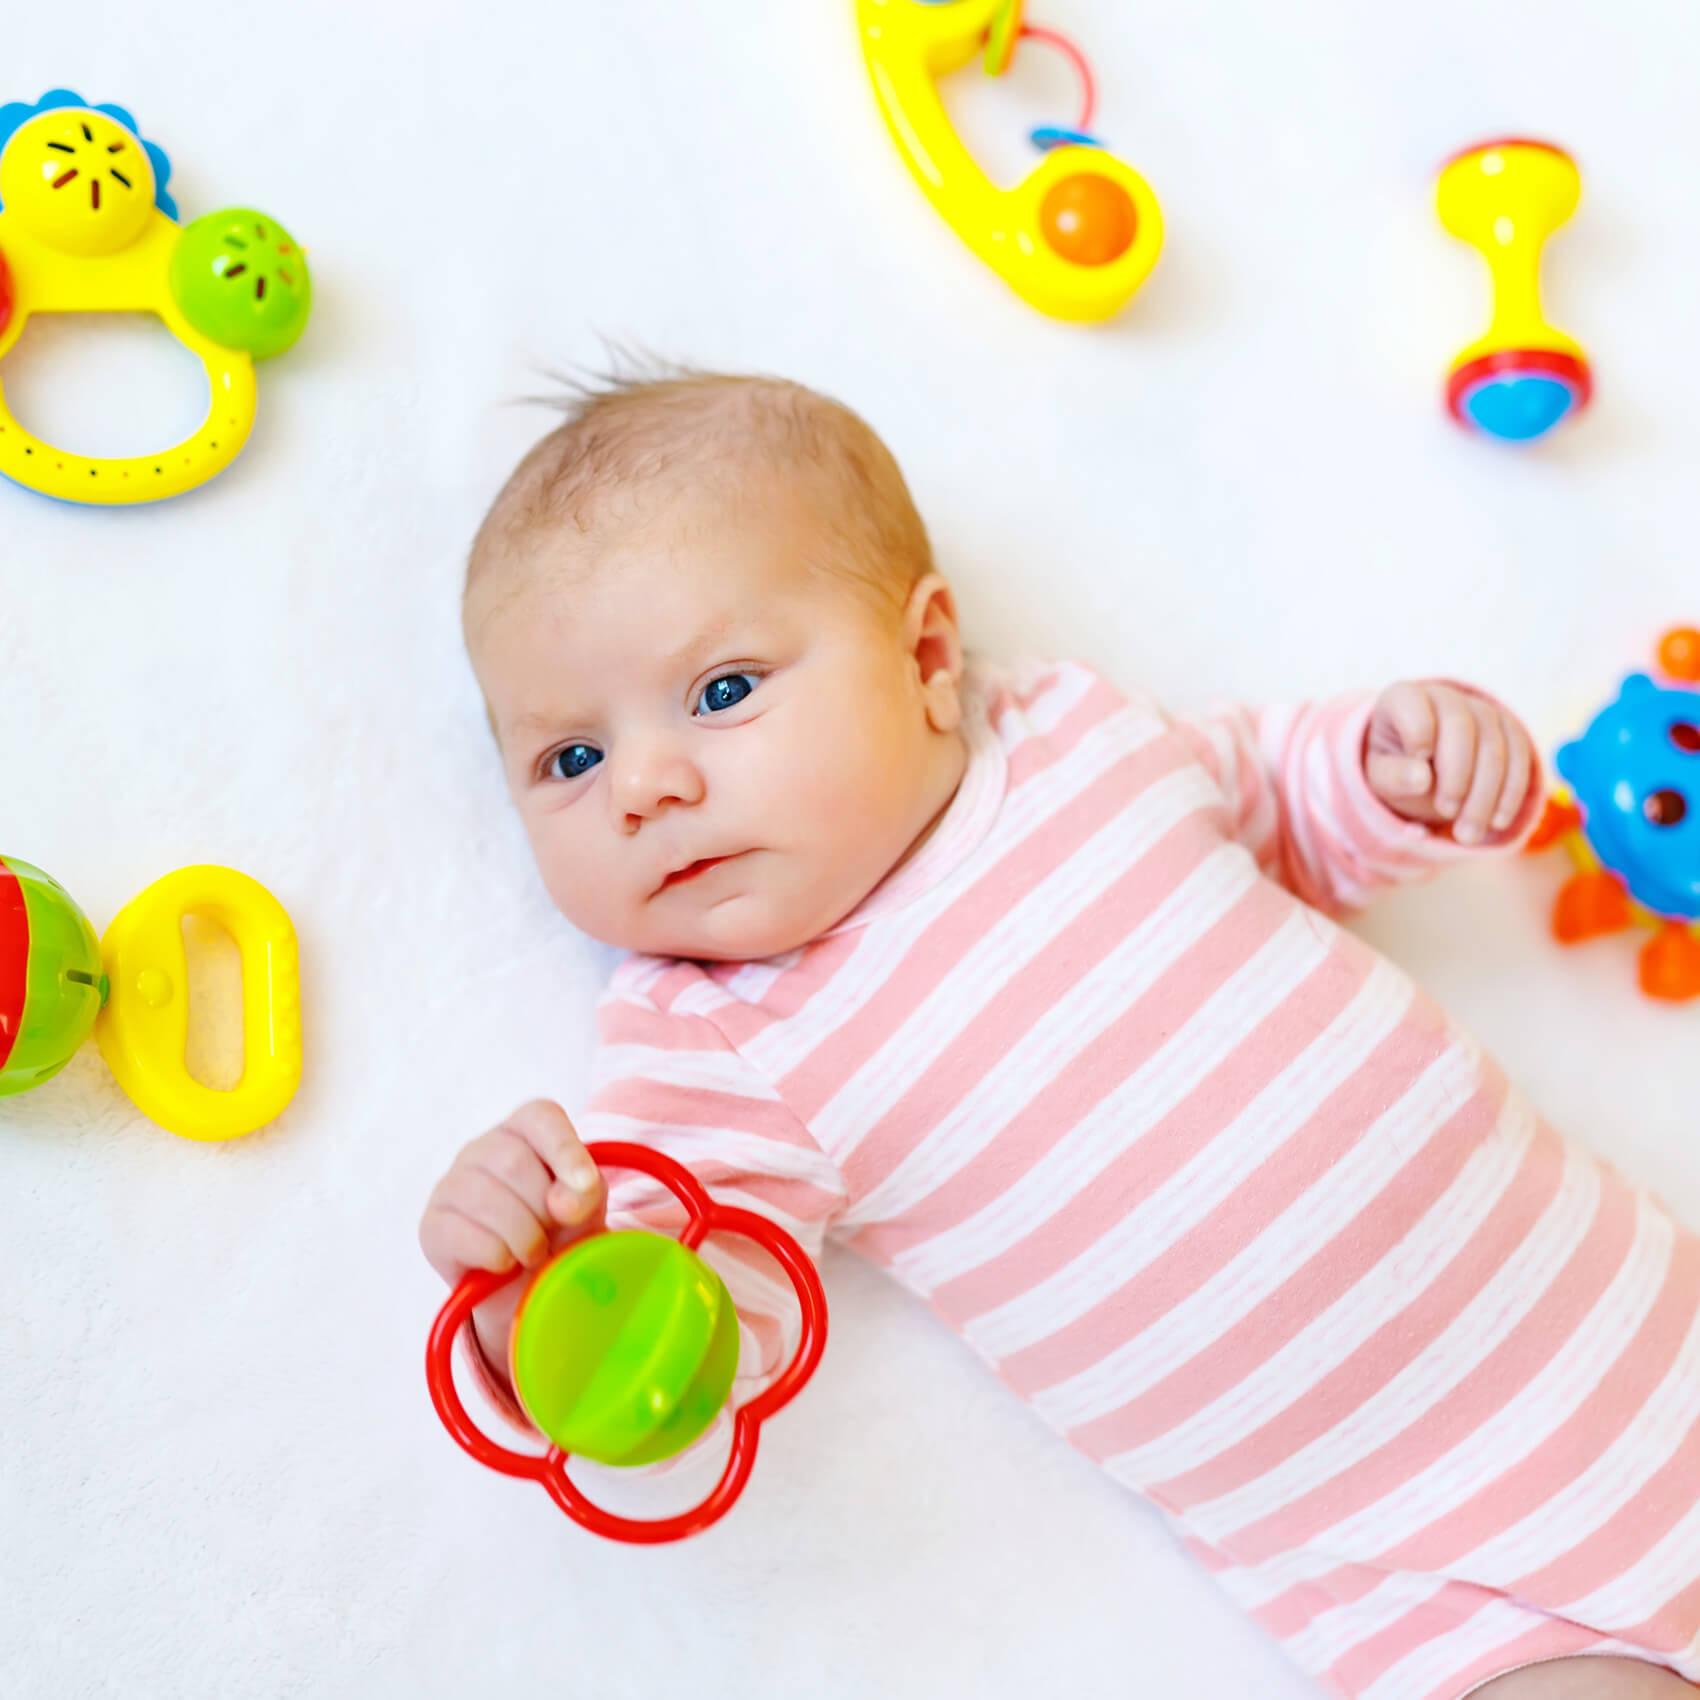 Rast, razvoj in zorenje možganov pri dojenčku ter starševstvo